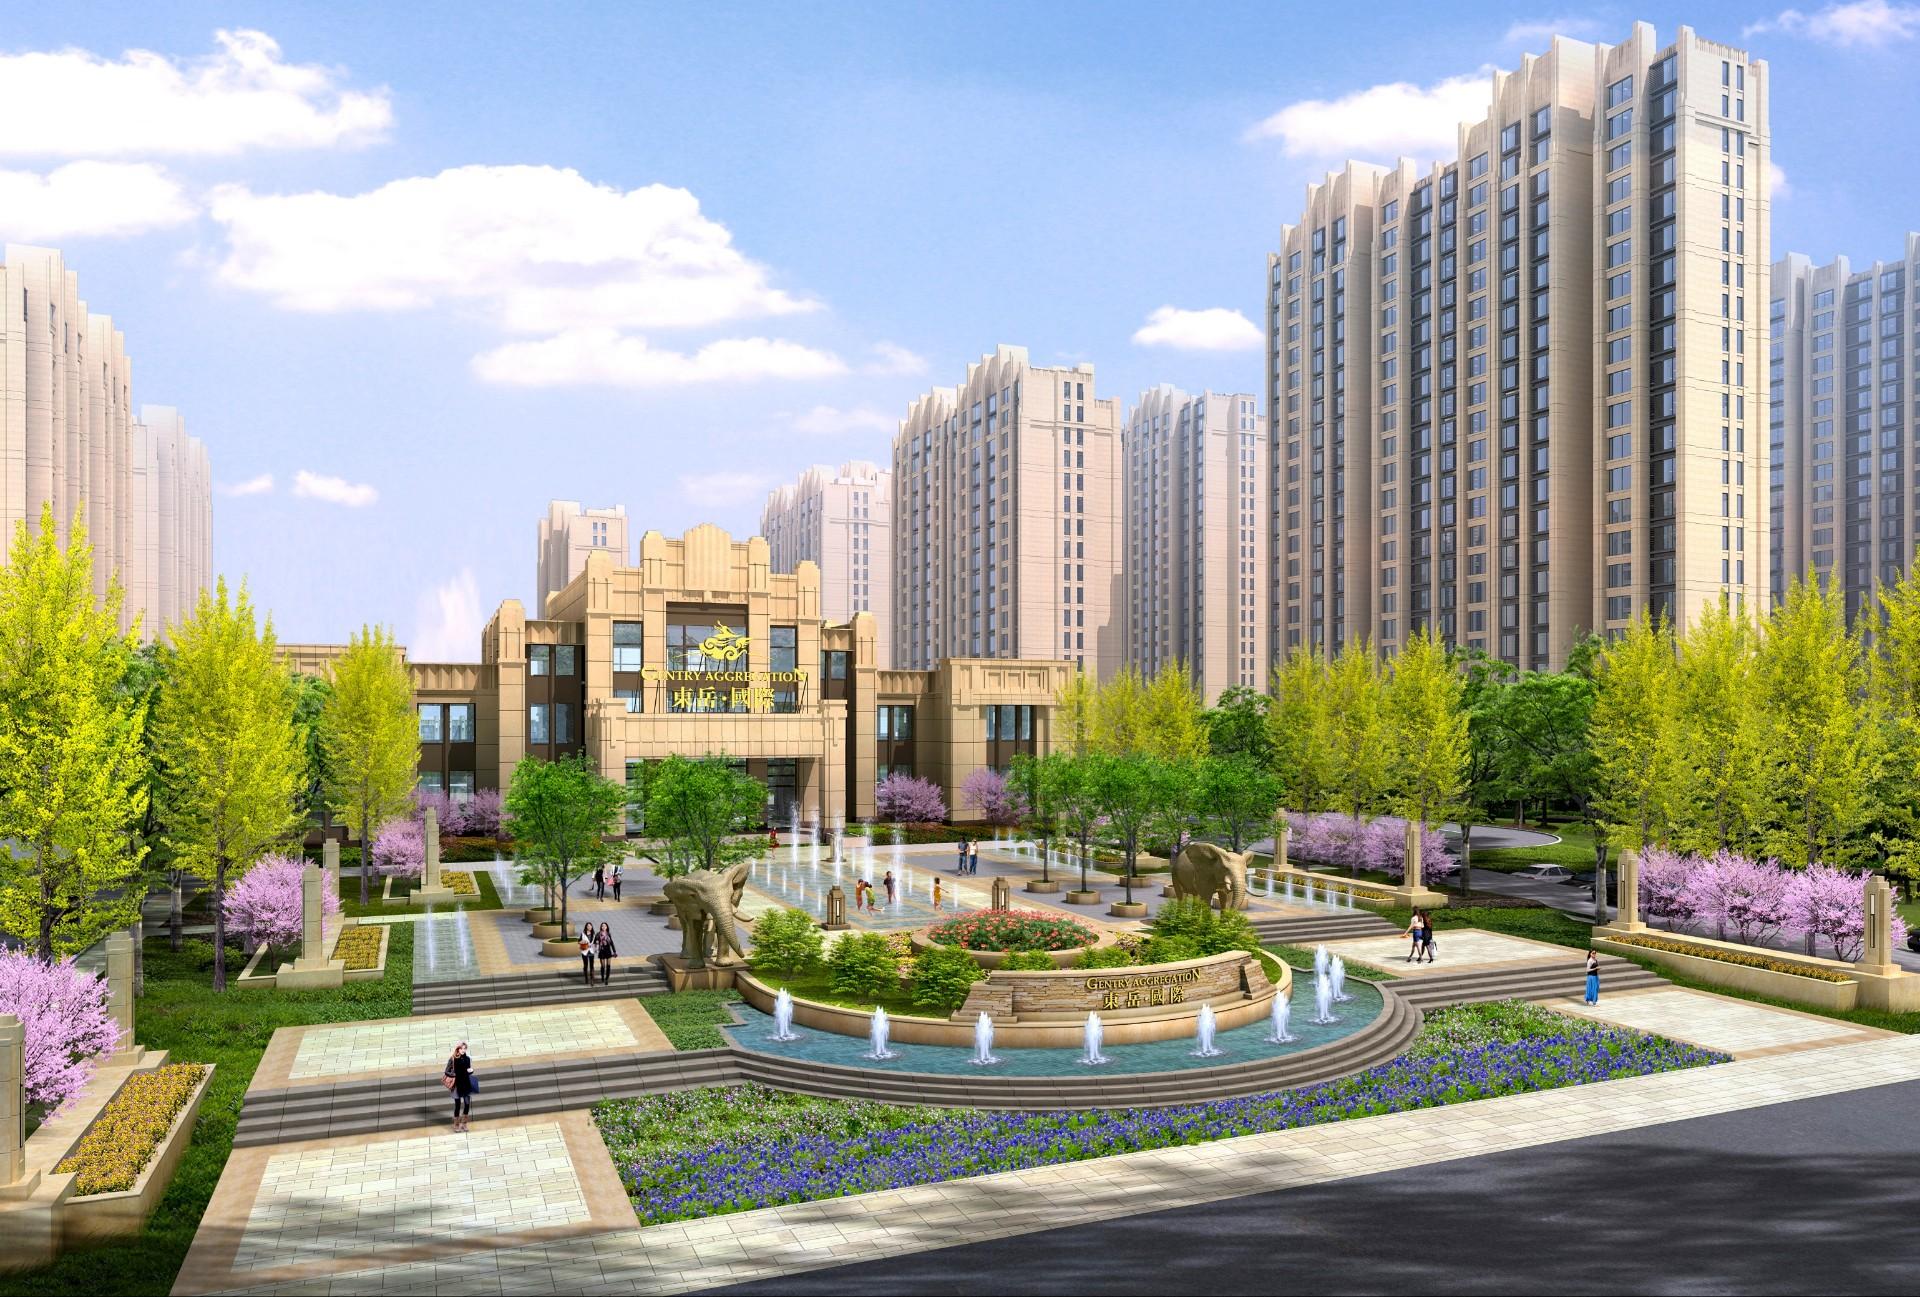 淄博东岳国际社区景观